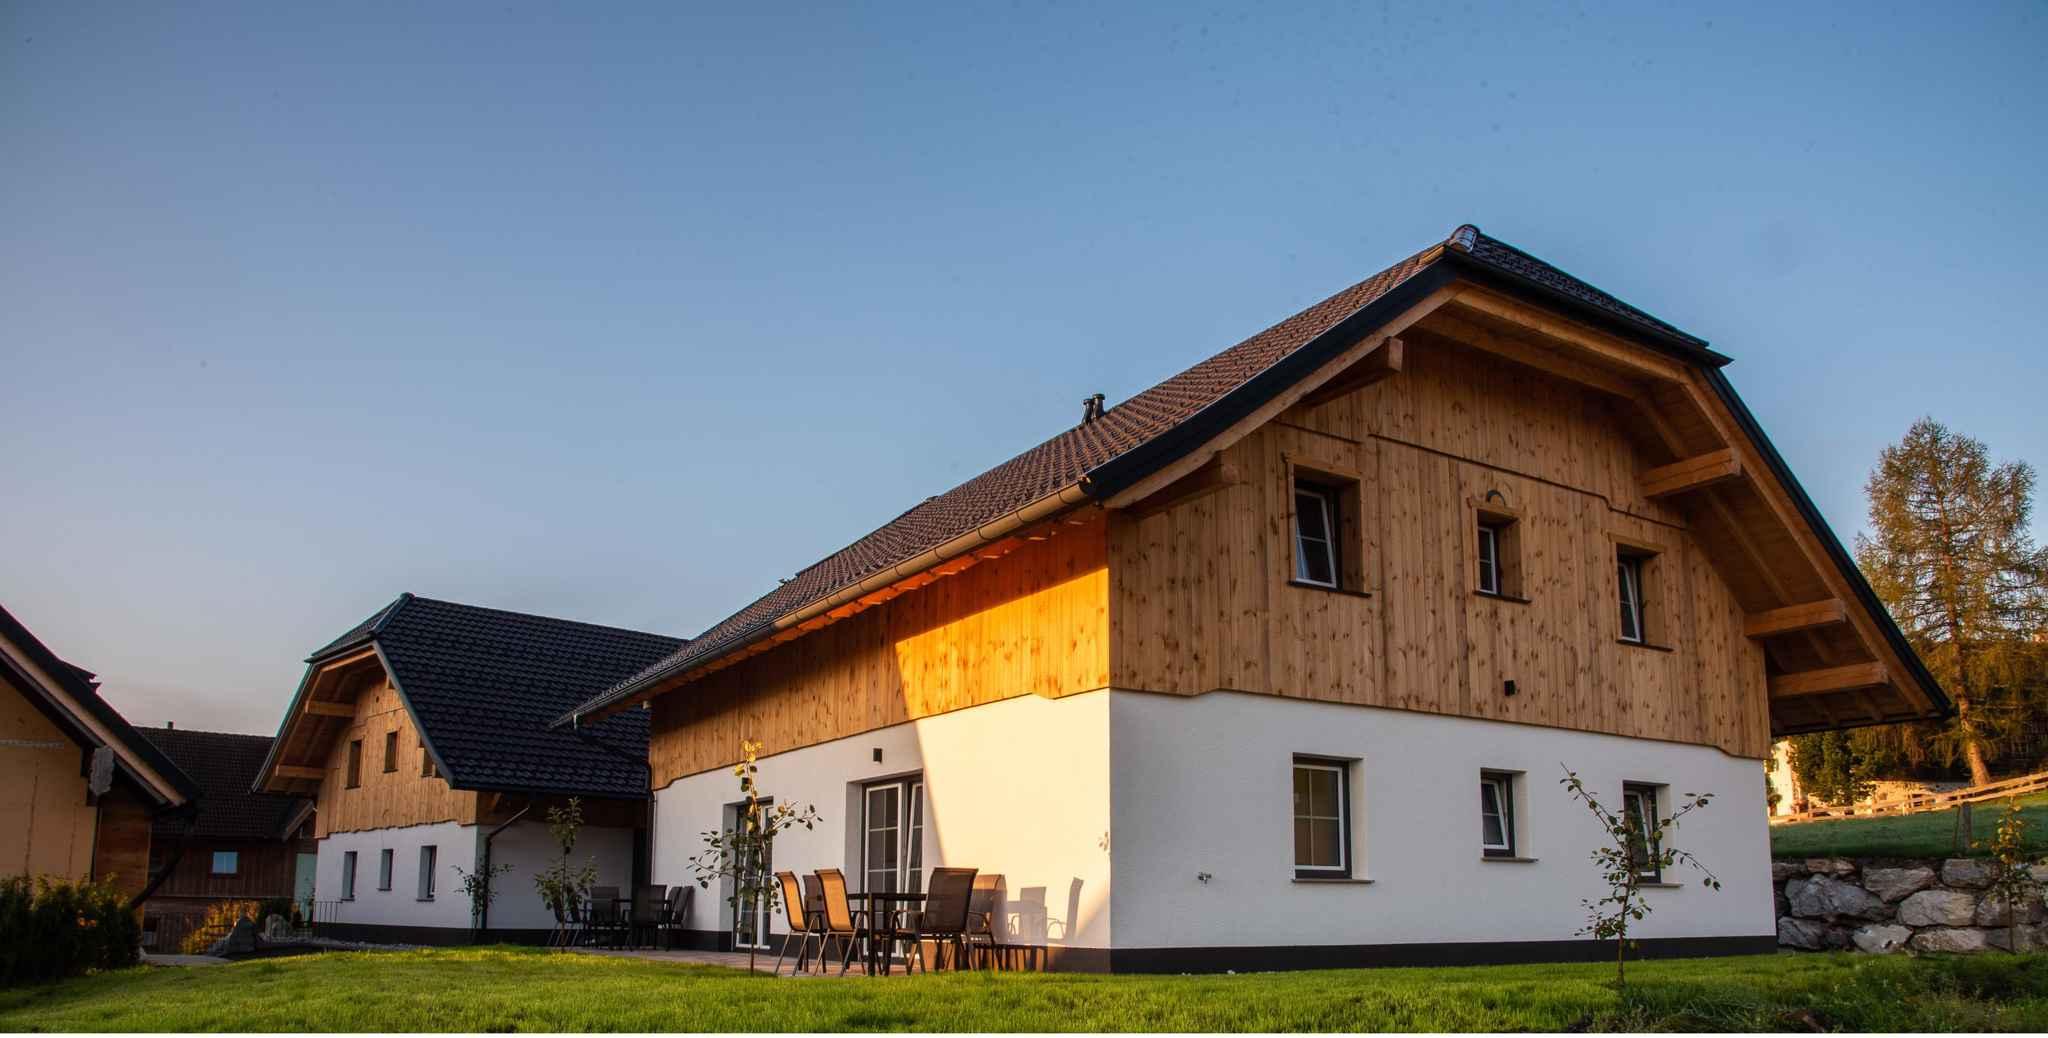 Ferienhaus im Feriendorf Edelweiss (2916176), Mariapfarr, Lungau, Salzburg, Österreich, Bild 39